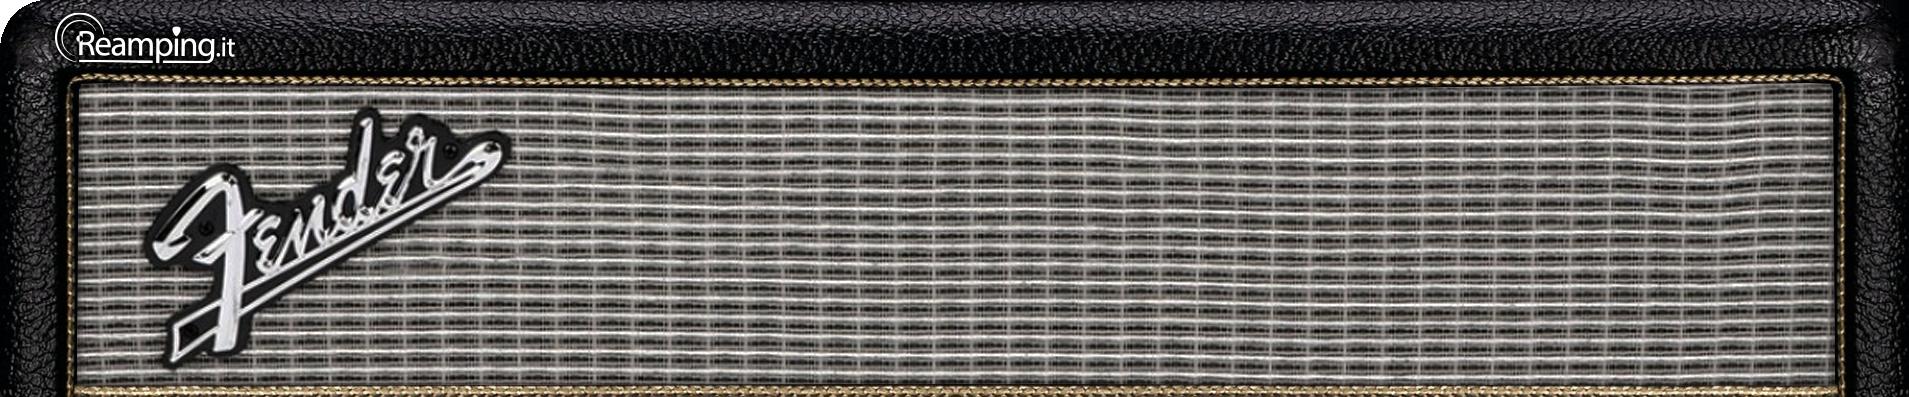 Fender SuperReverb '73